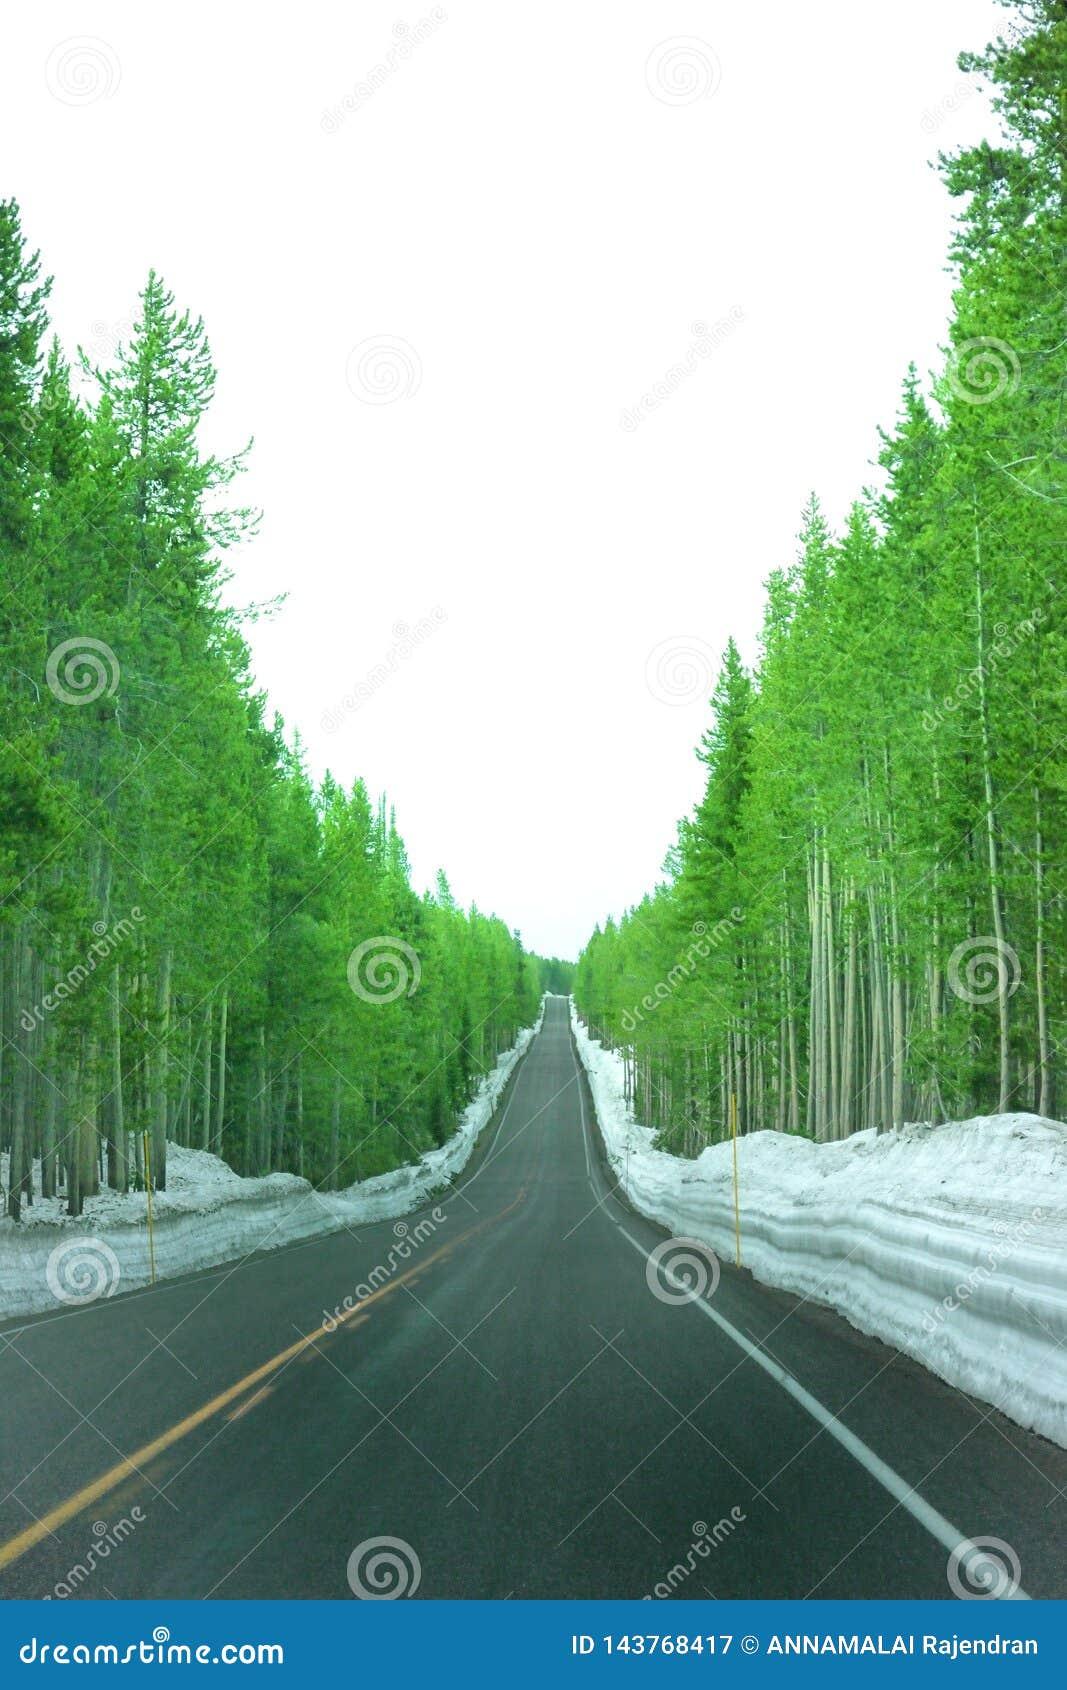 Landskapfoto av den övre kullevägen med gröna träd och den dolda sidan för snö